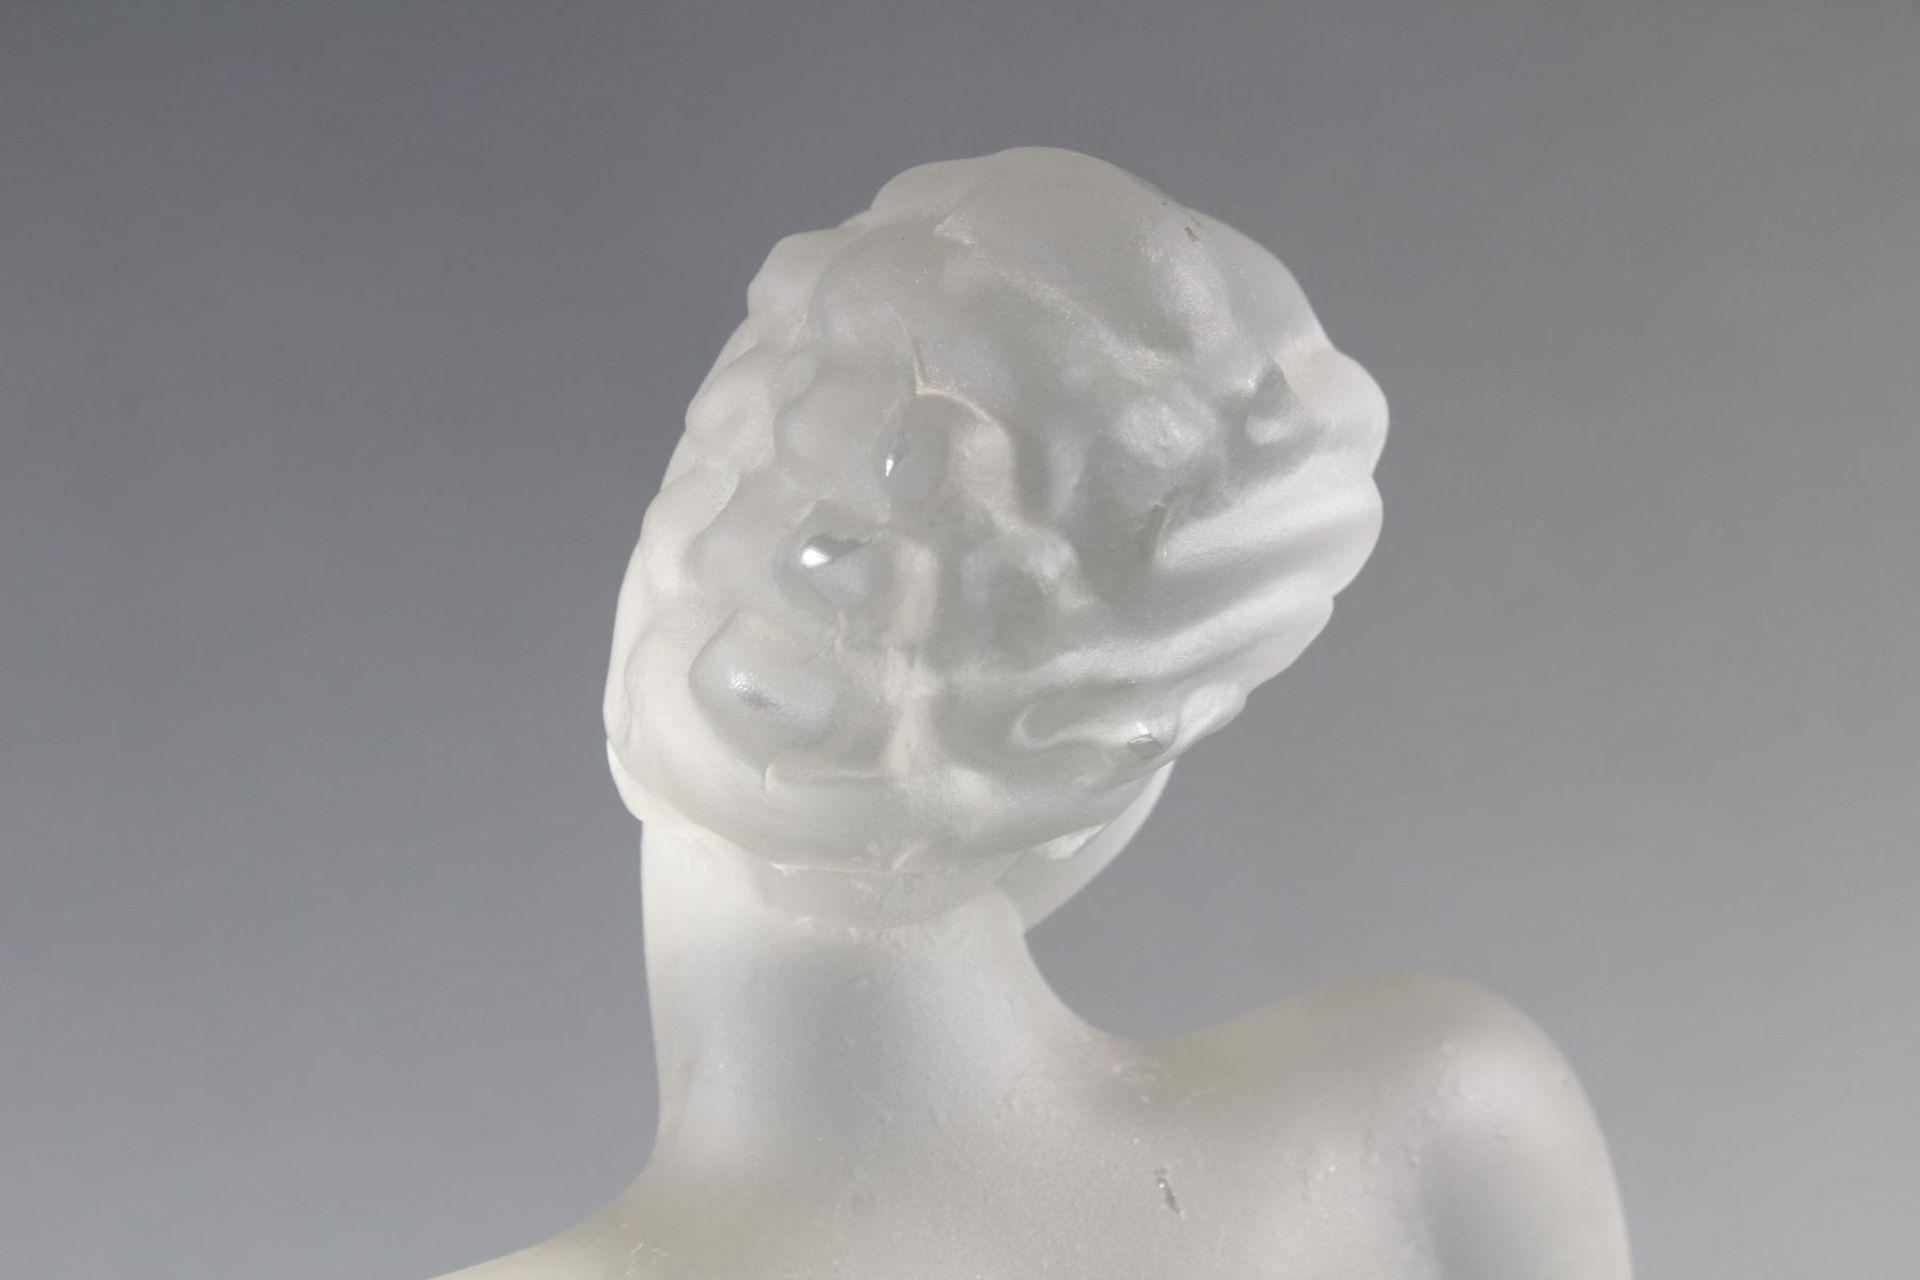 Glasskulptur, Frauenakt auf Sockel, Böhmen um 1950 - Bild 6 aus 10